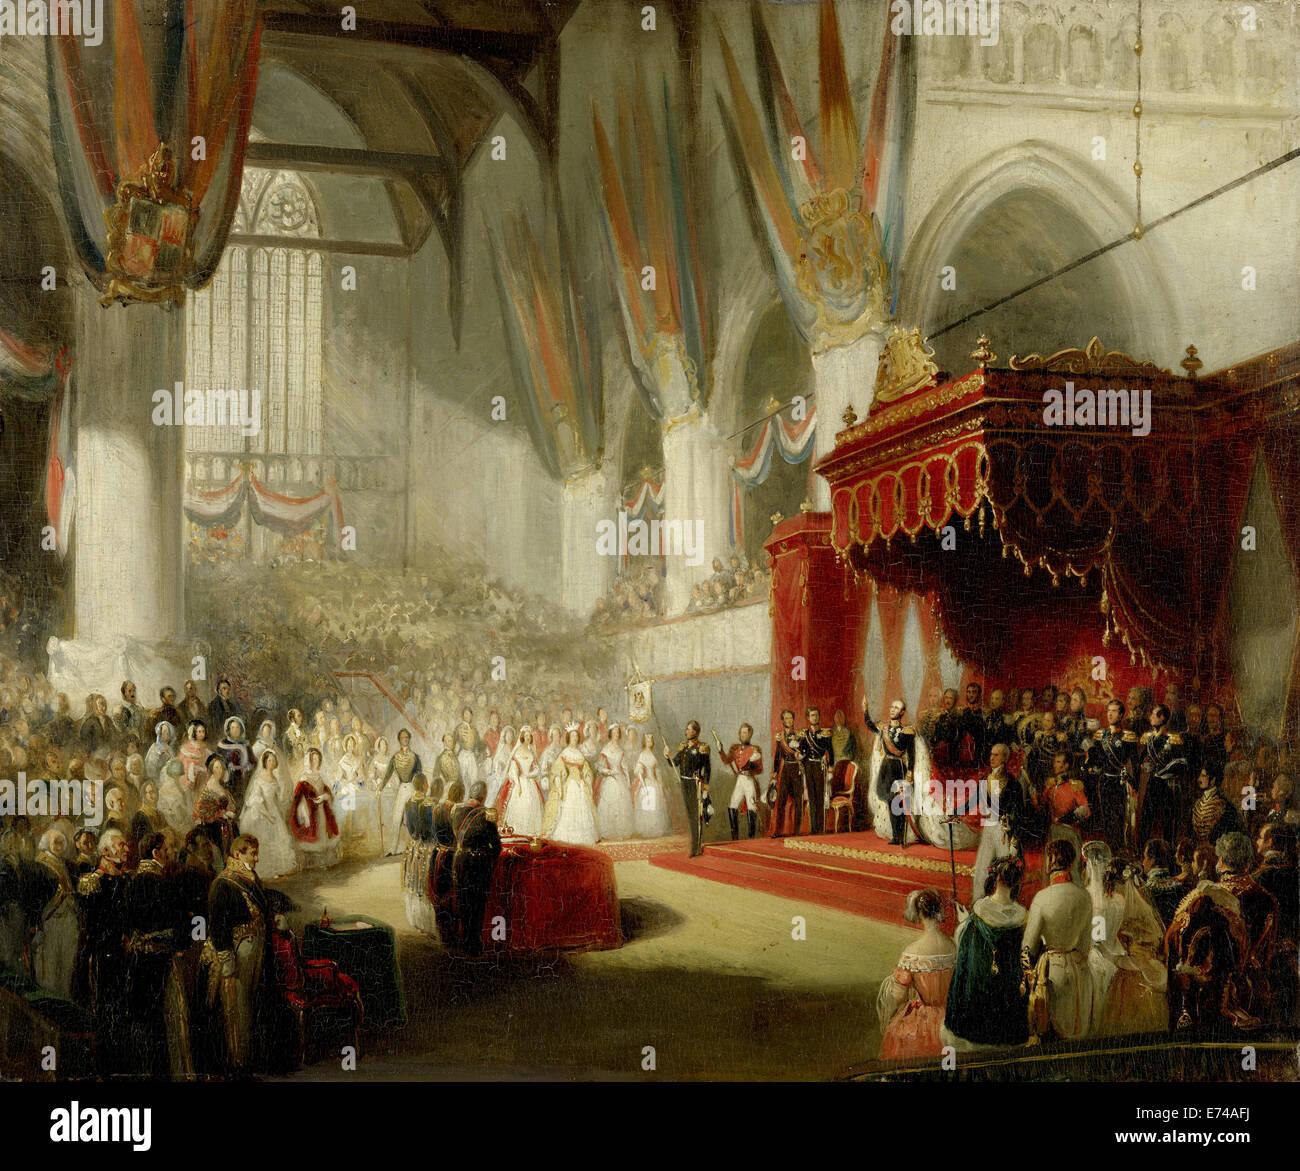 The inauguration of King William II in the Nieuwe Kerk in Amsterdam, November 28, 1840 - by Nicholas Pieneman, 1840 - Stock Image